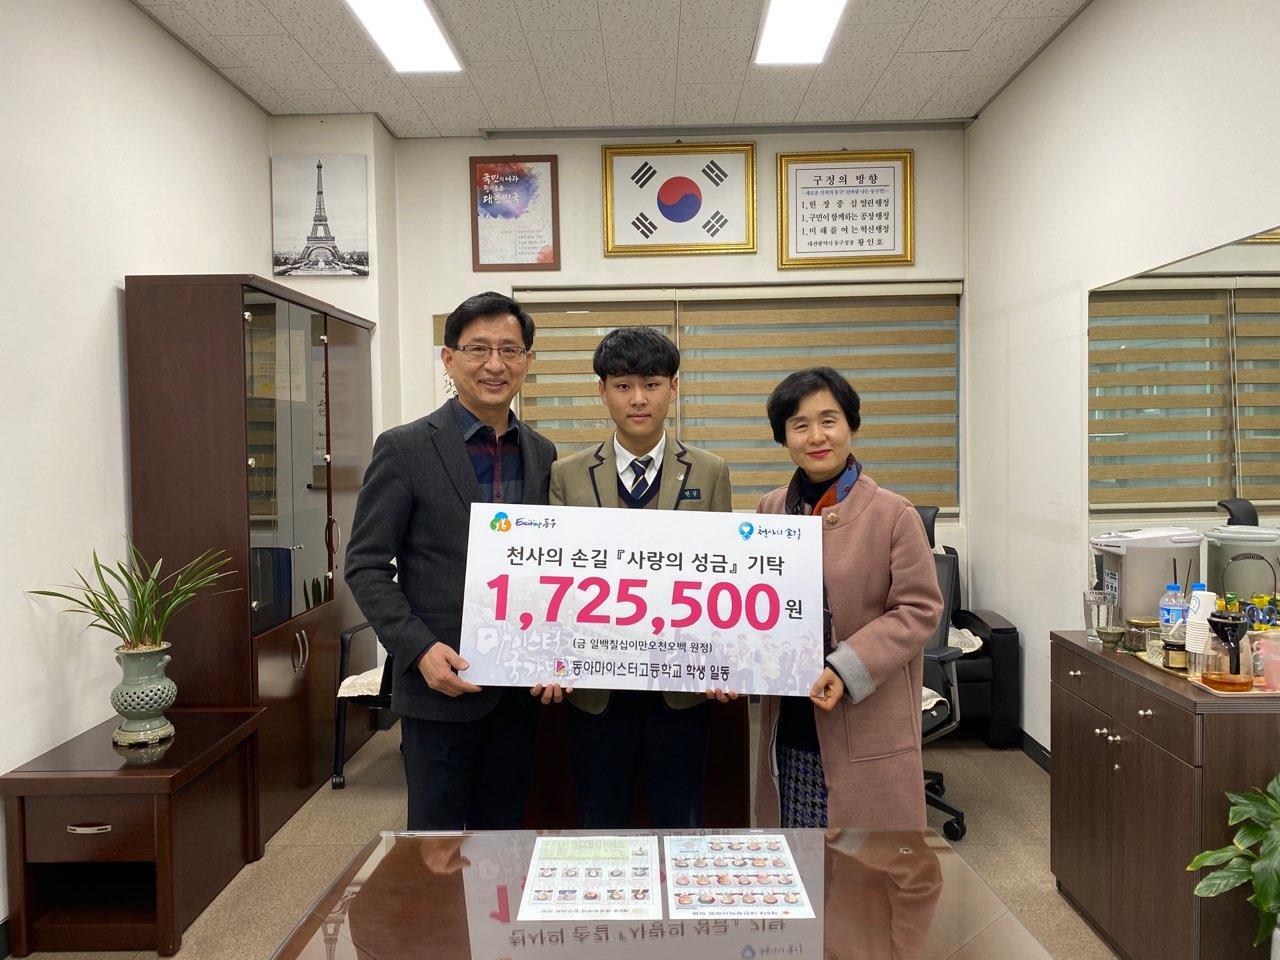 [대전]동아마이스터고, 축제 수익금 기부